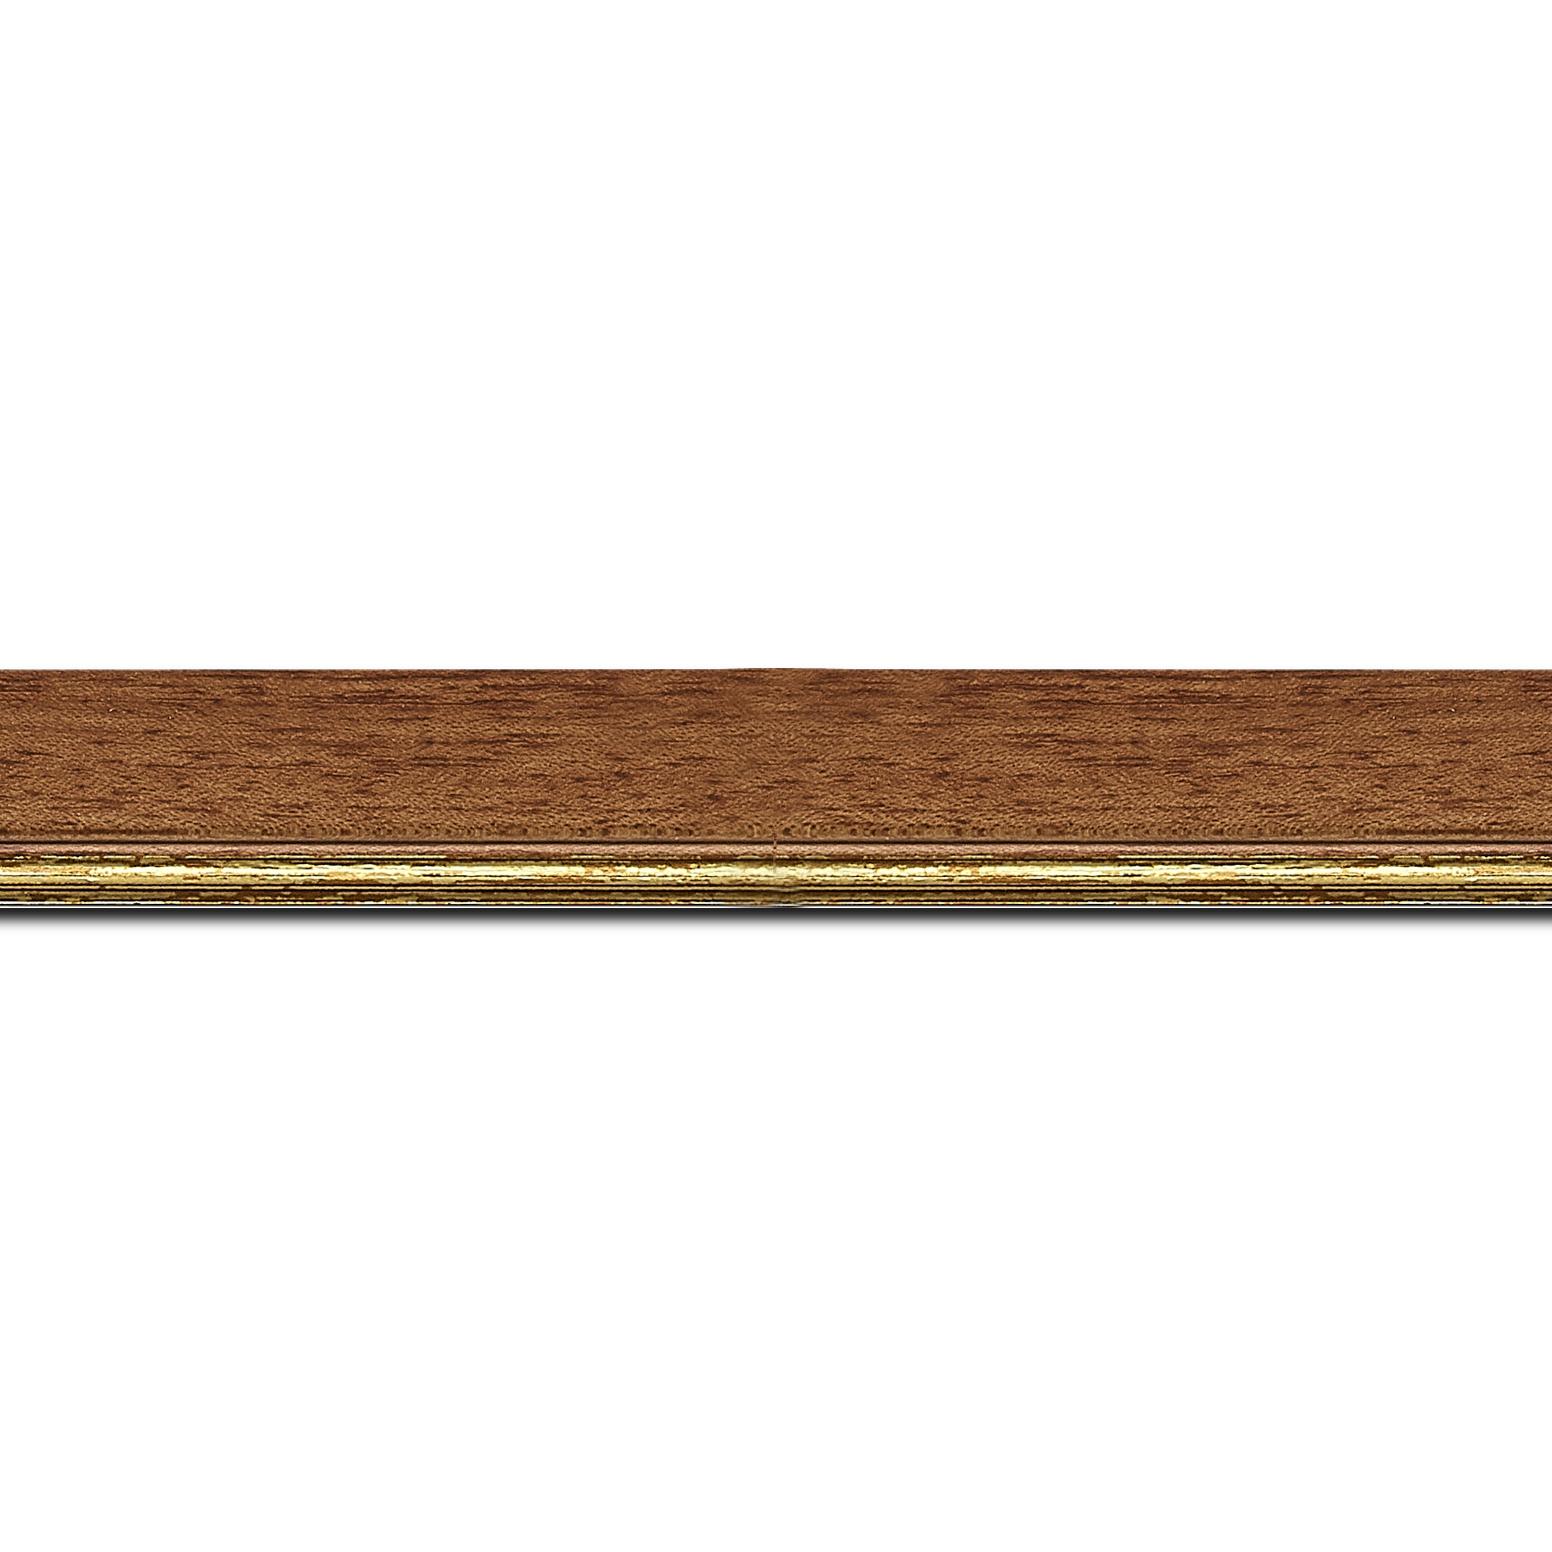 Pack par 12m, bois profil plat largeur 2.5cm couleur marron ton bois filet or (longueur baguette pouvant varier entre 2.40m et 3m selon arrivage des bois)